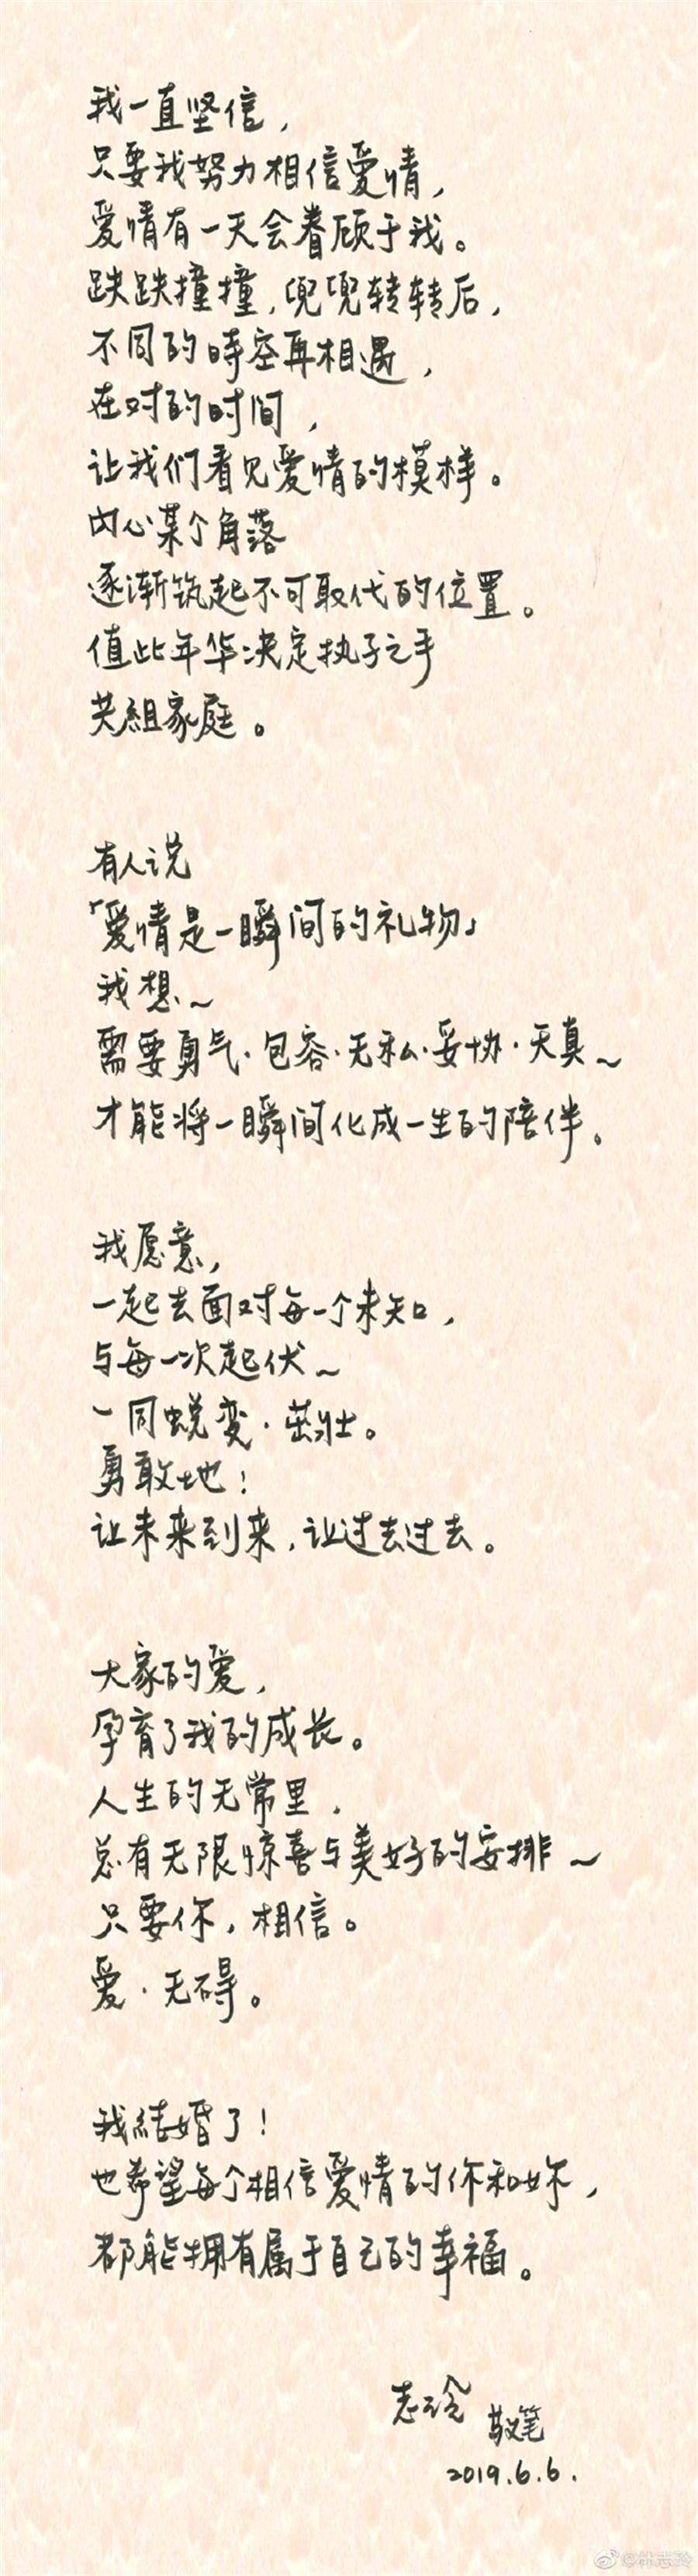 林志玲貼出手寫信。(圖/翻攝自林志玲微博)